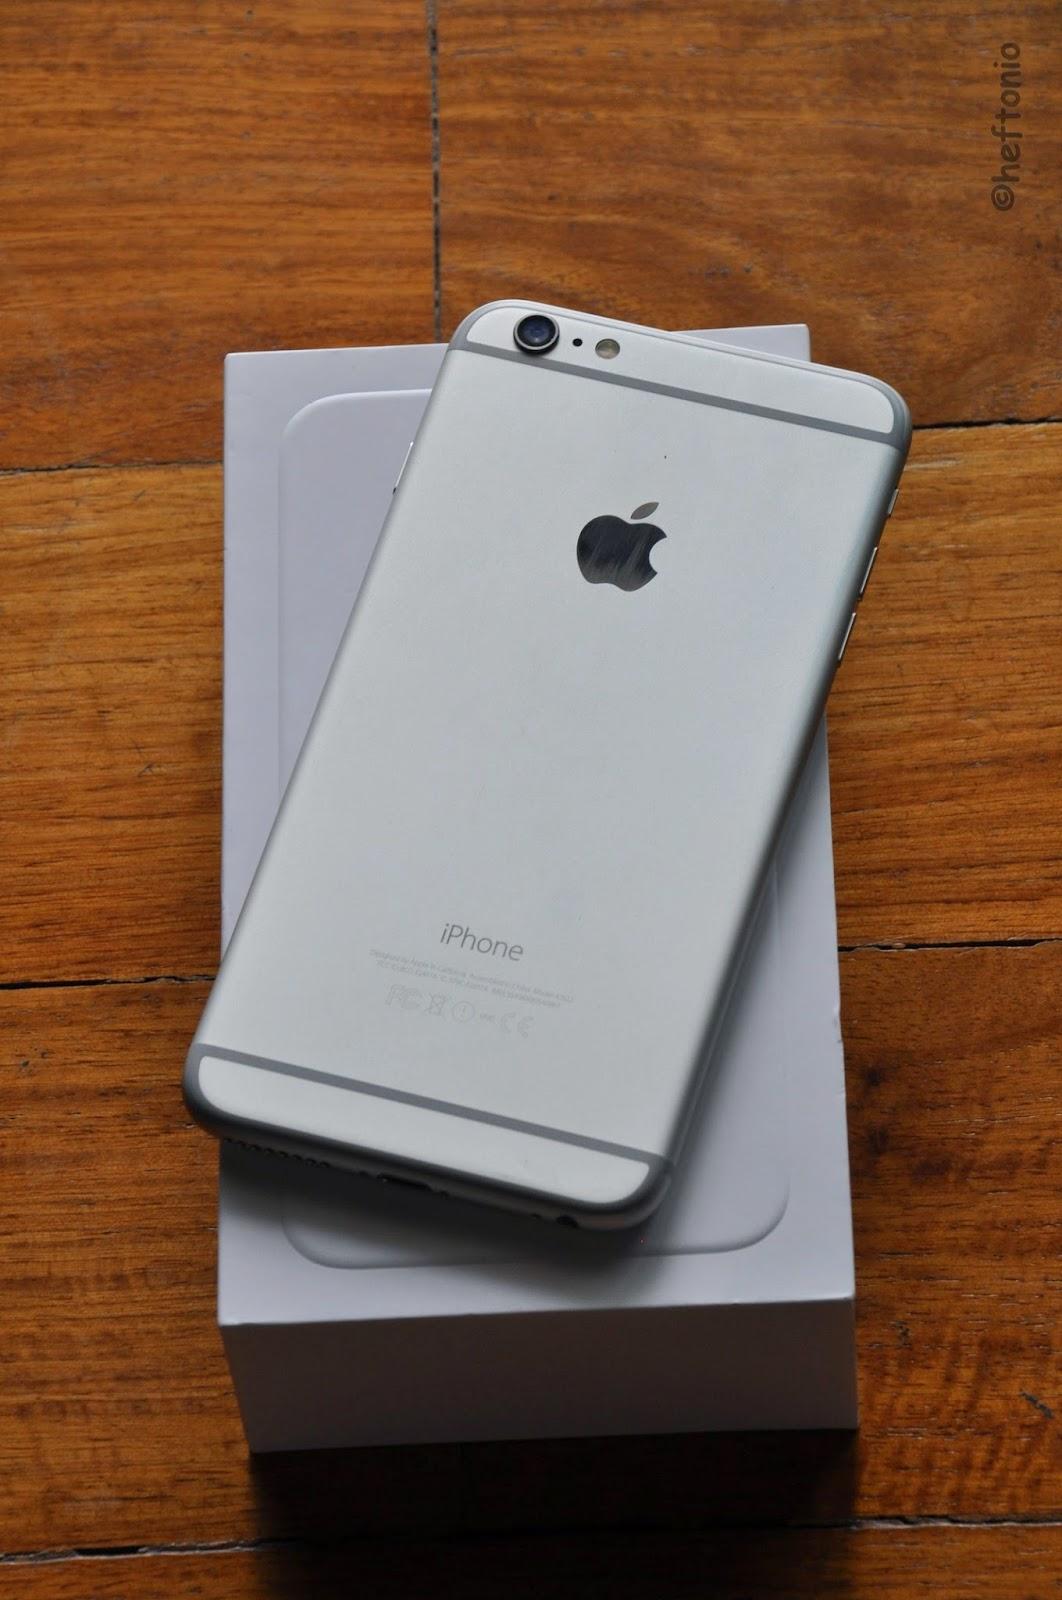 Daftar Harga Iphone 6 16gb Second Terbaru dan Fitur Lengkapnya